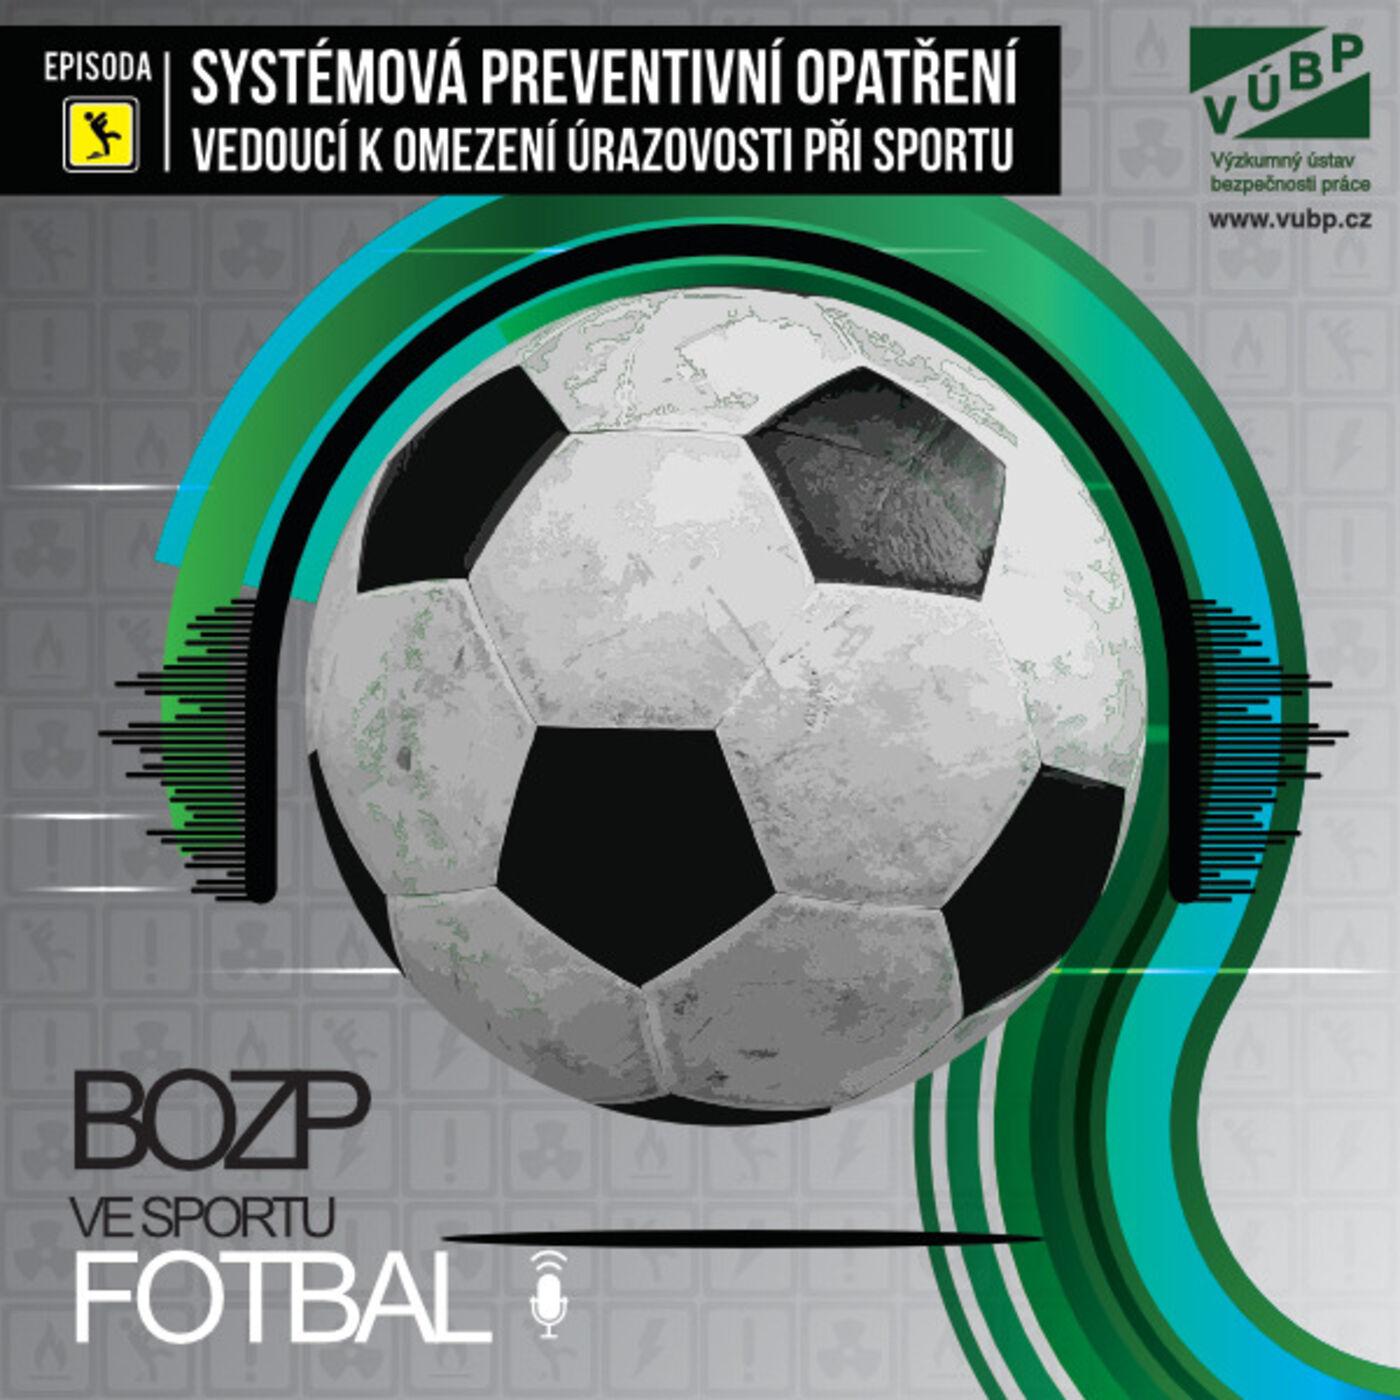 Systémová preventivní opatření vedoucí k omezení úrazovosti při fotbalu